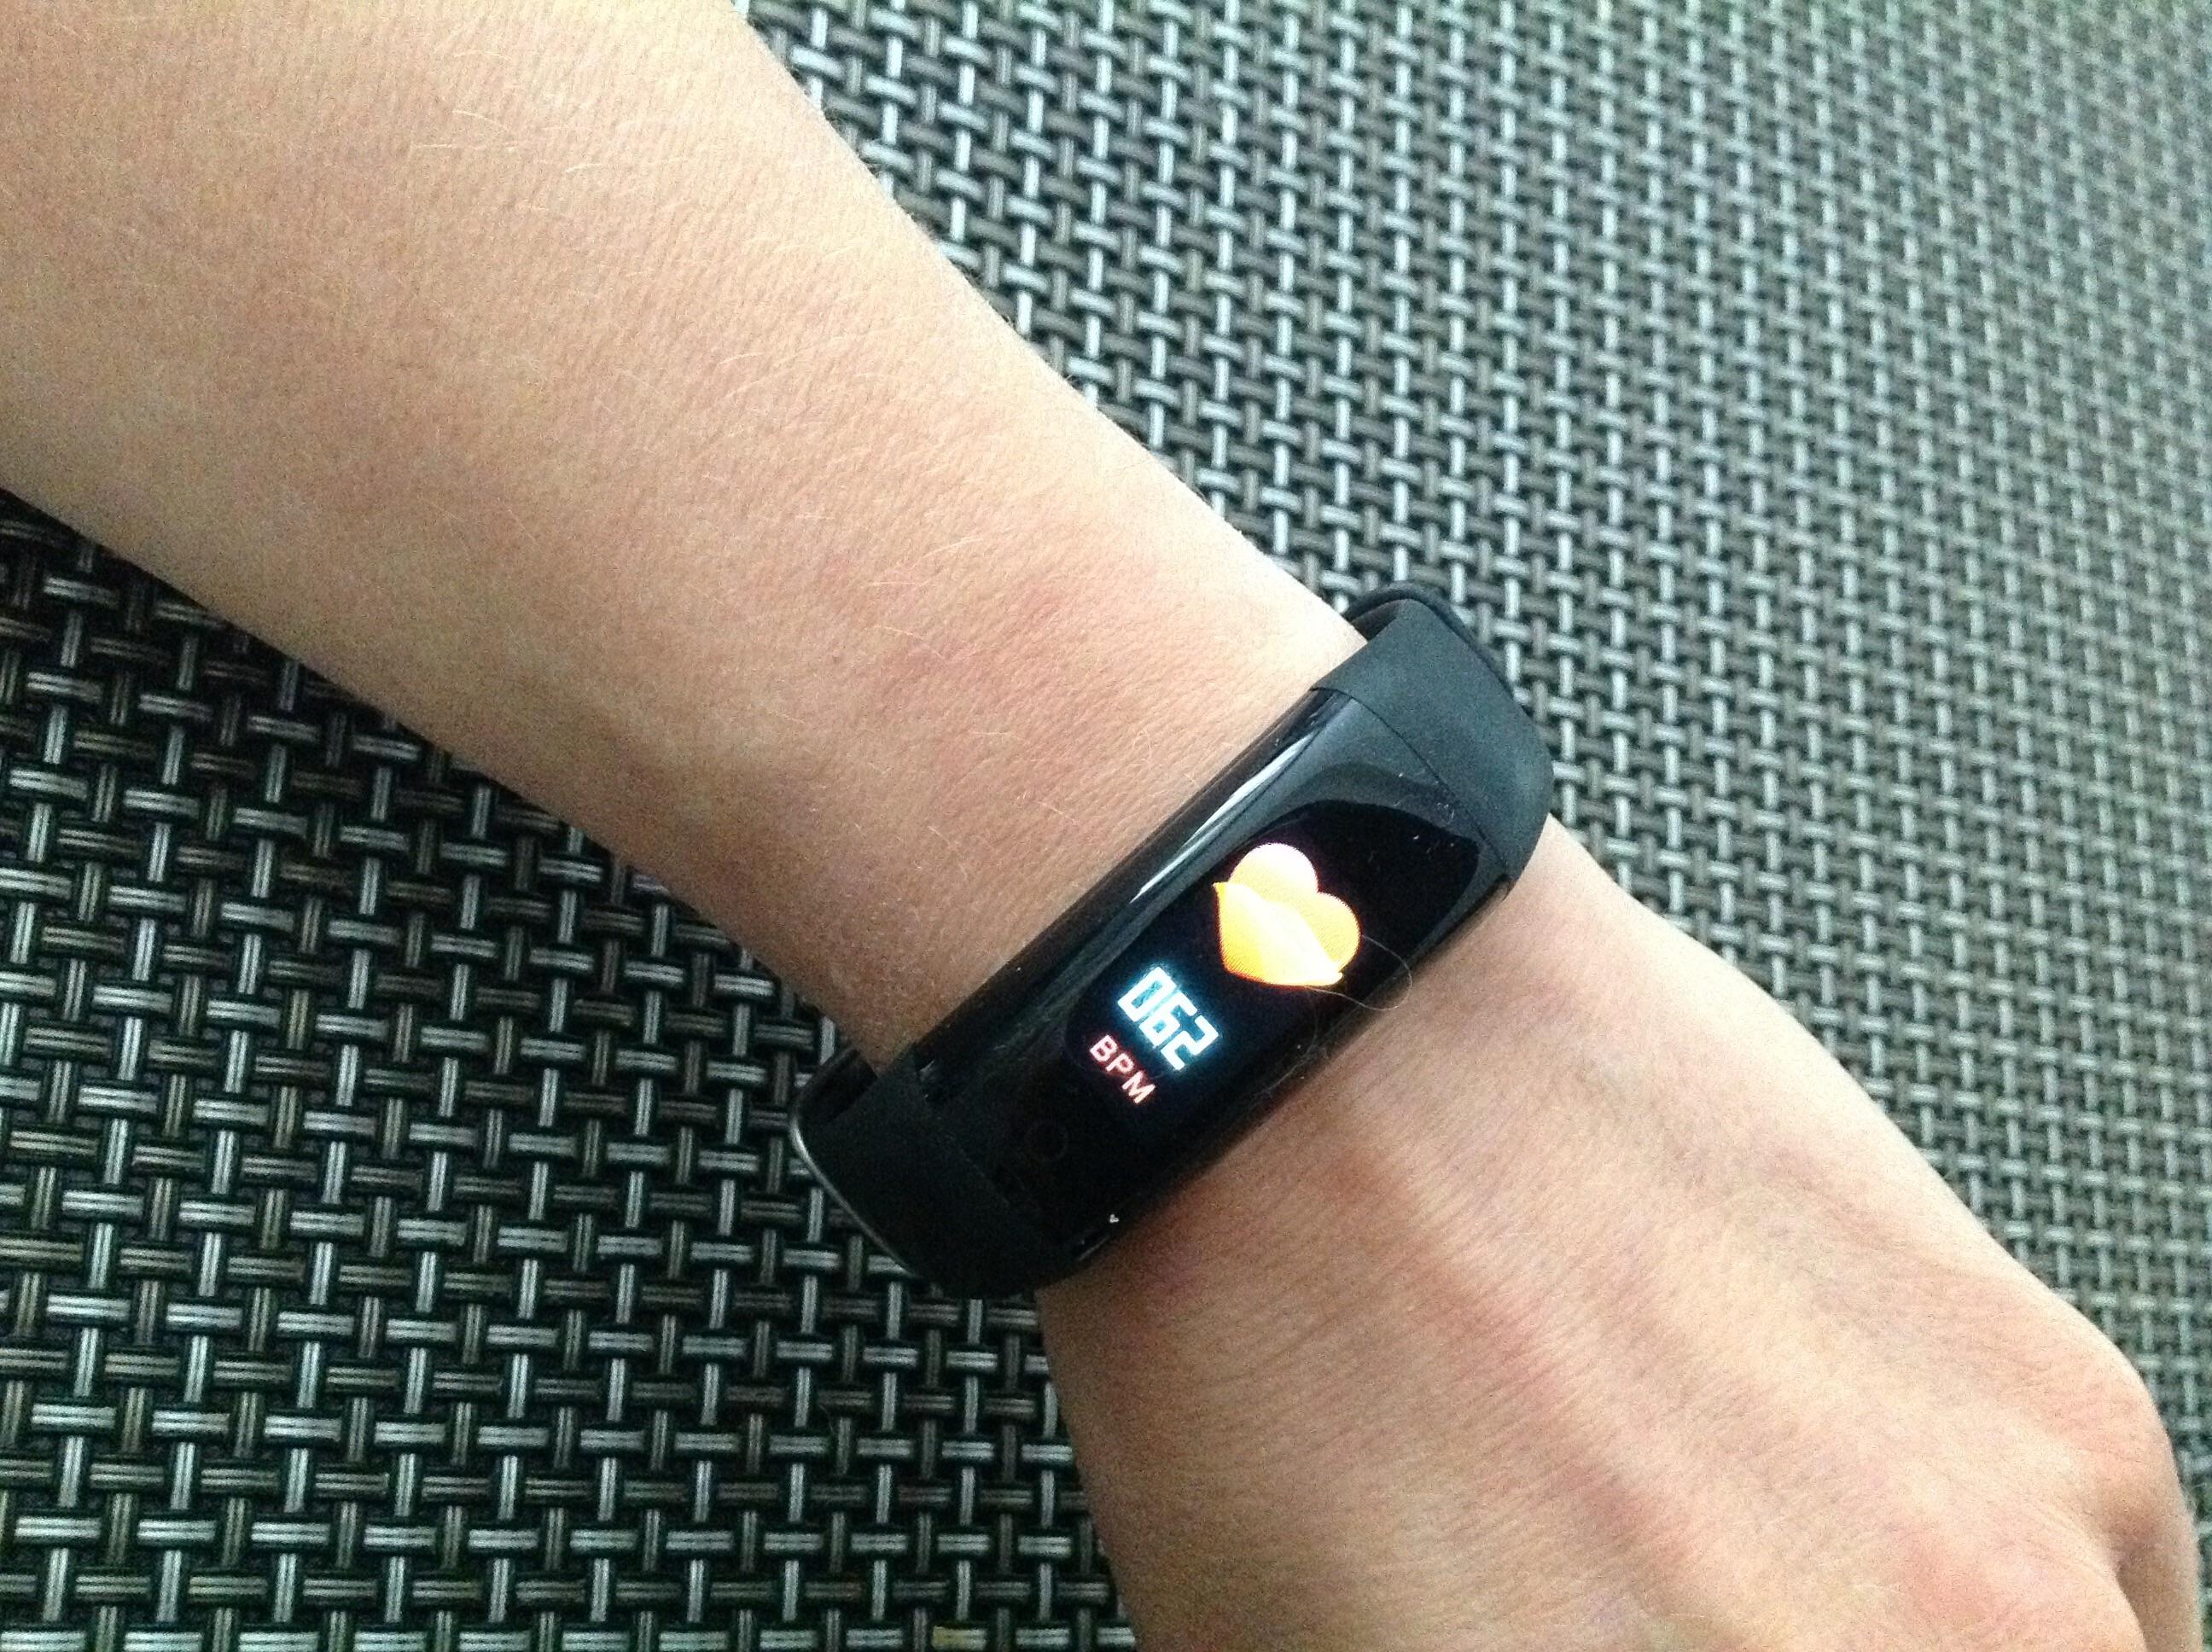 Wrist - S5 Smart Bracelet Fitness Tracker waterproof